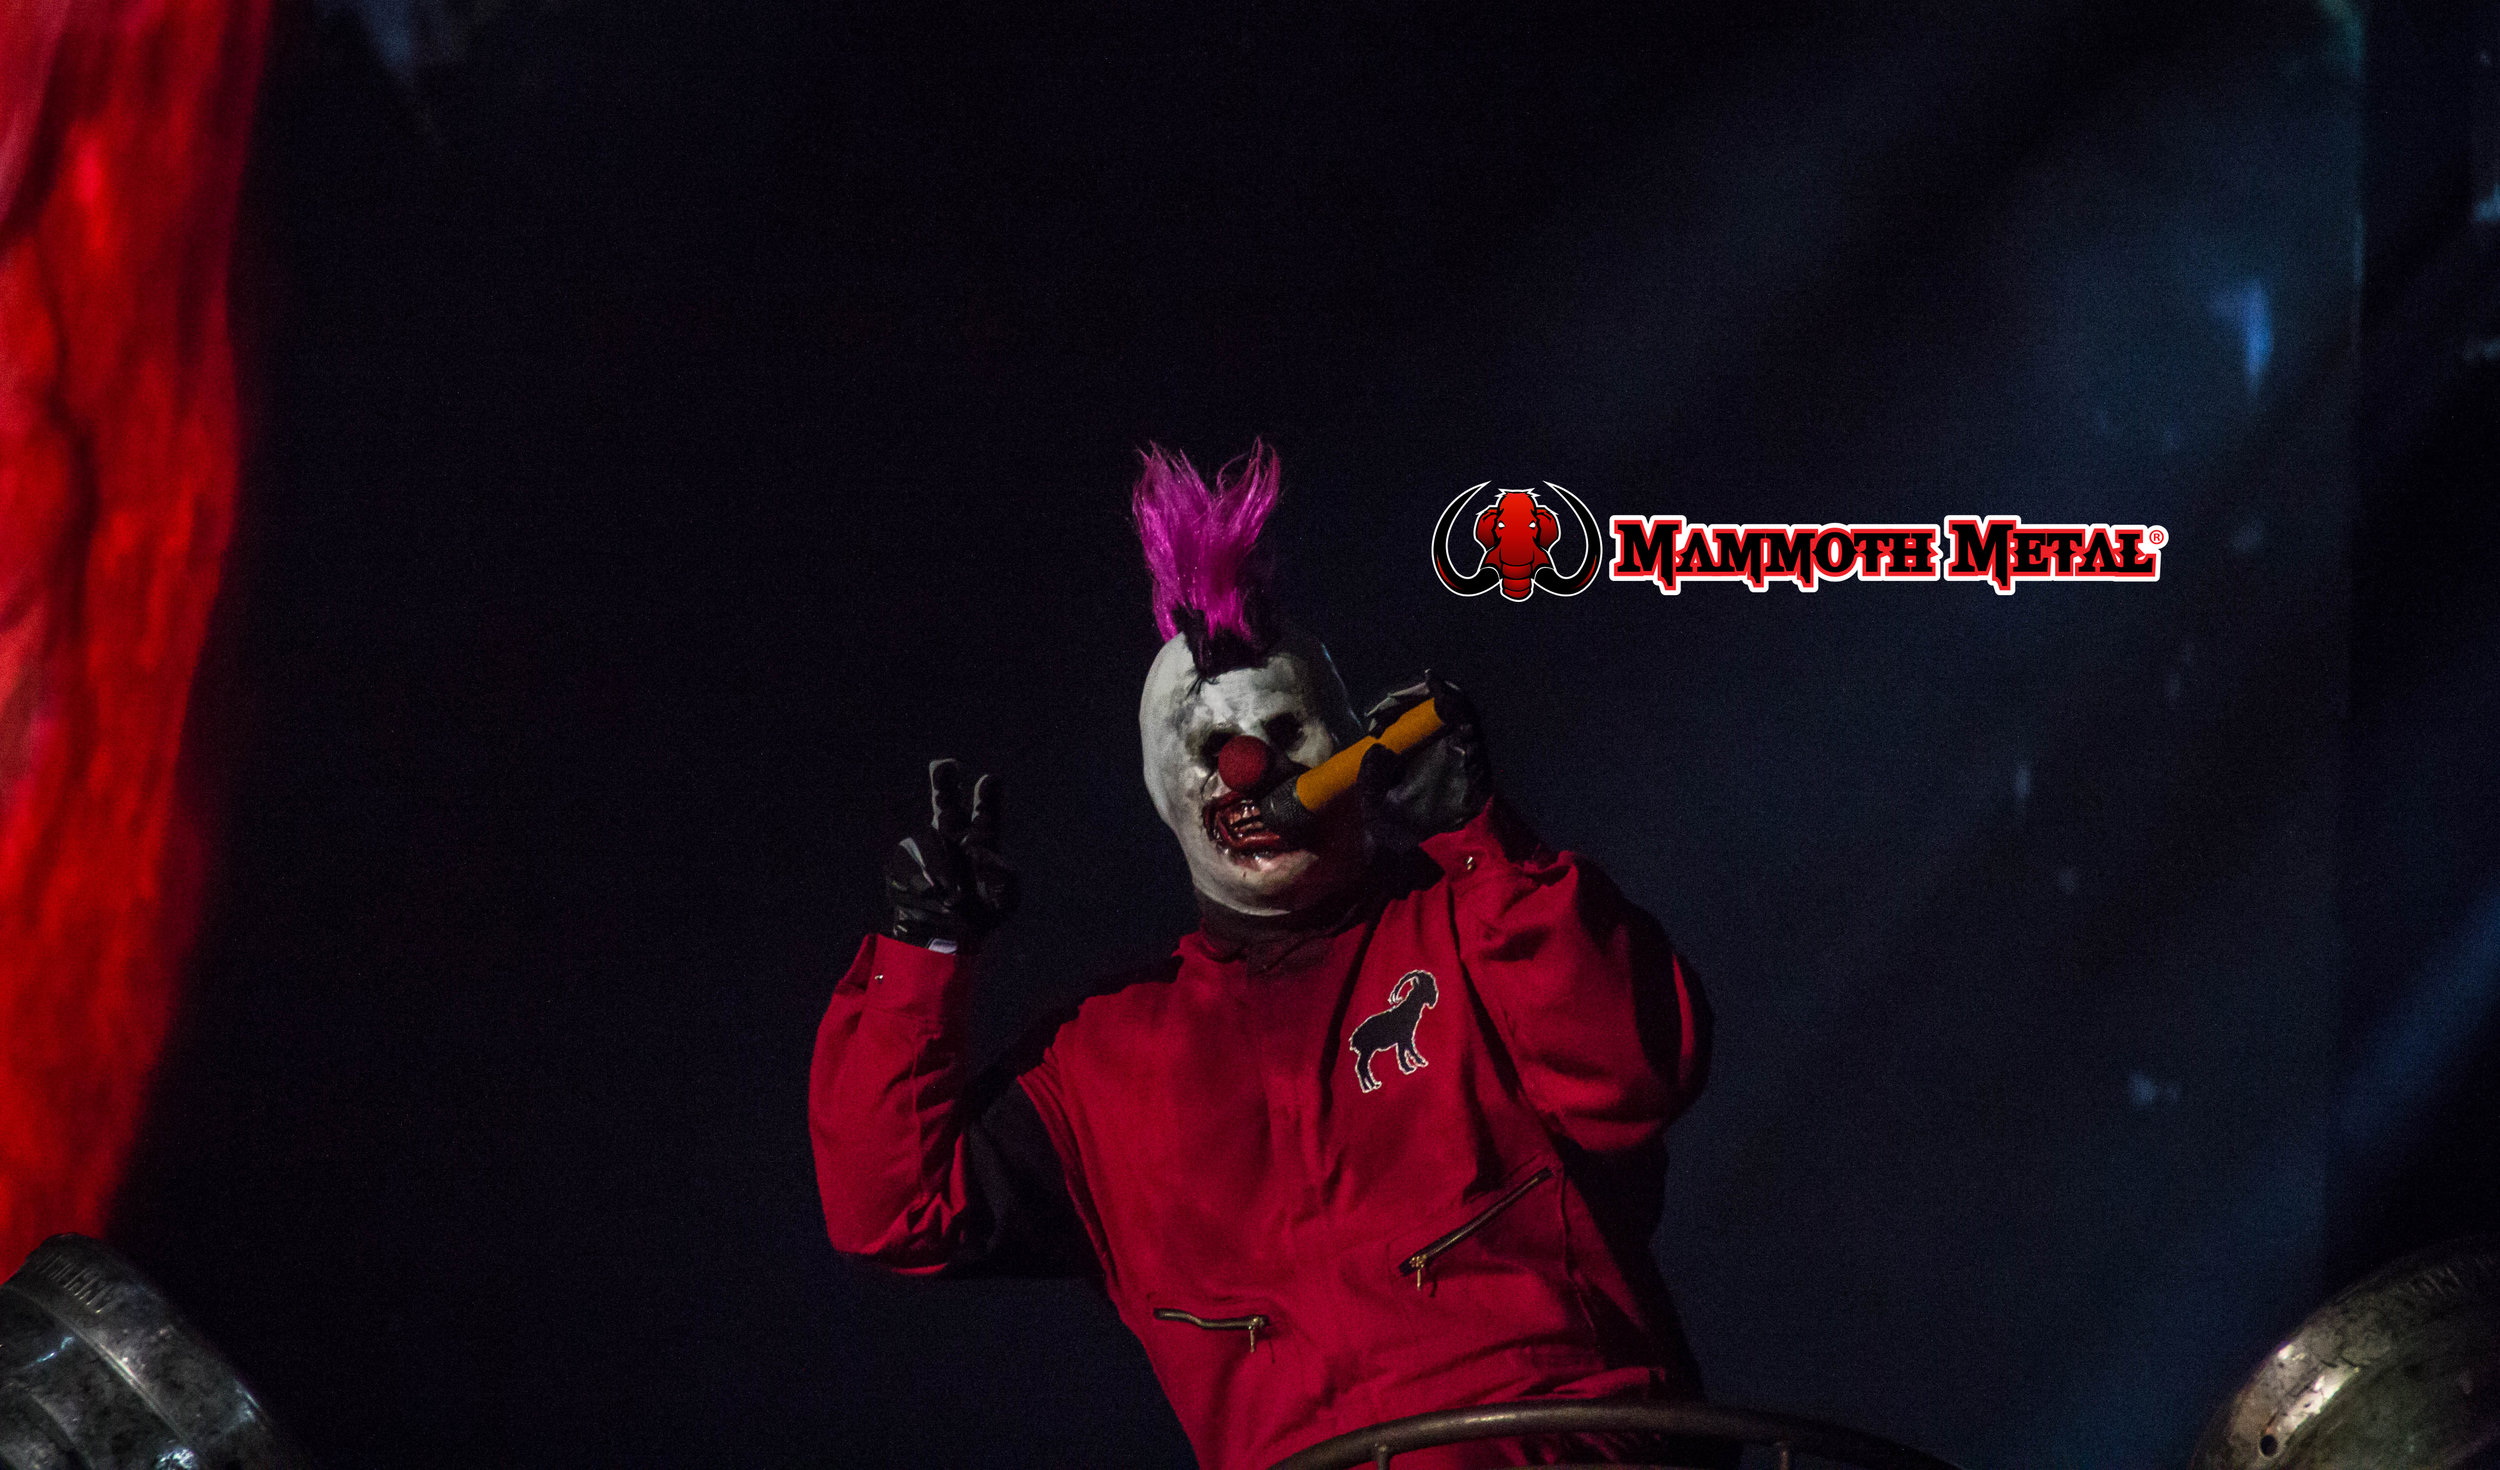 Clown comes in peace  photo: David Burke